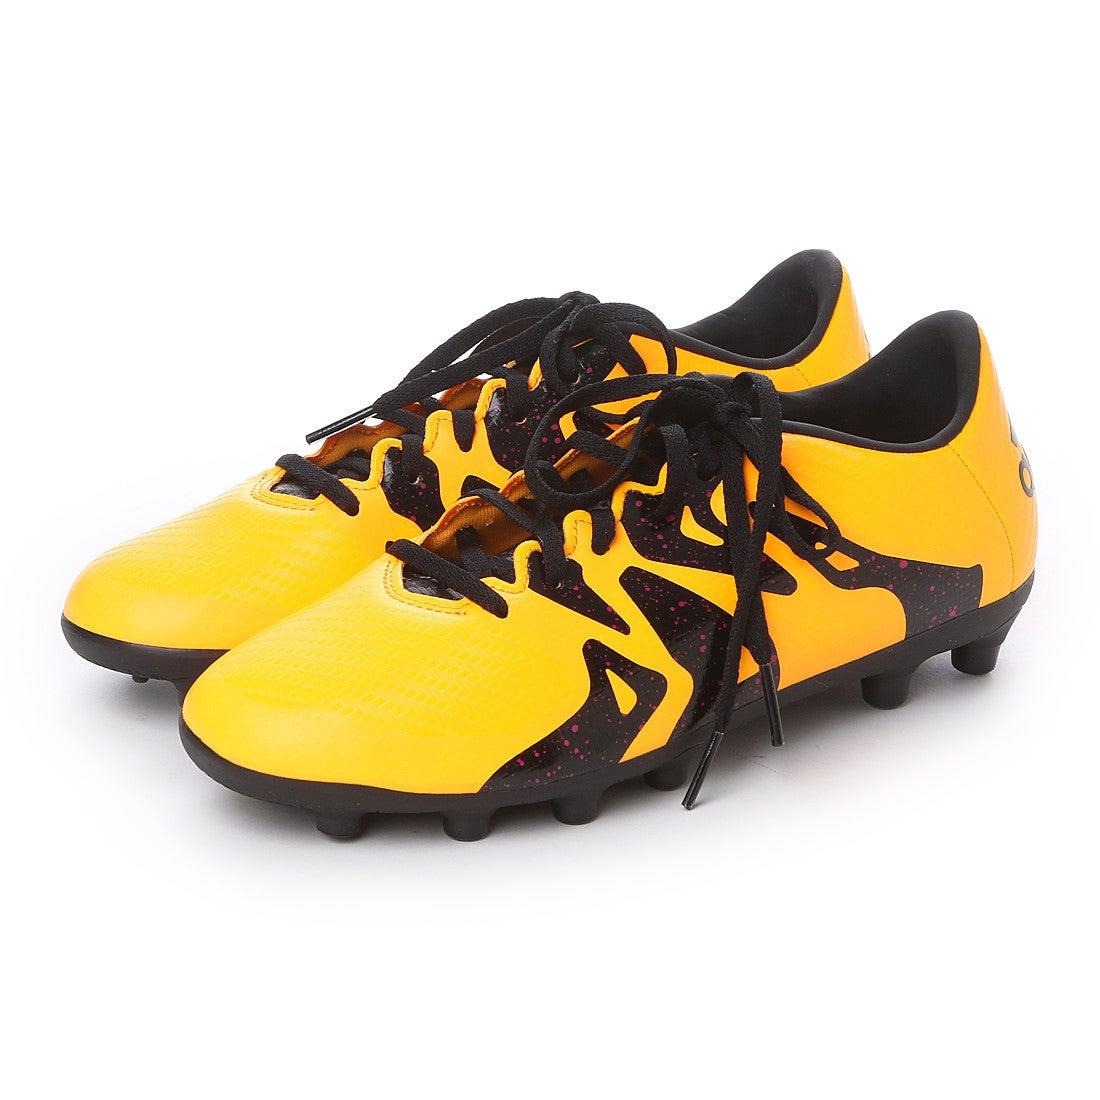 【SALE 28%OFF】アディダス adidas ジュニアサッカースパイク エックス X 15.3-ジャパン HG J AF4757 2769 (ソーラーゴールド×コアブラック×ショックピンク S16)